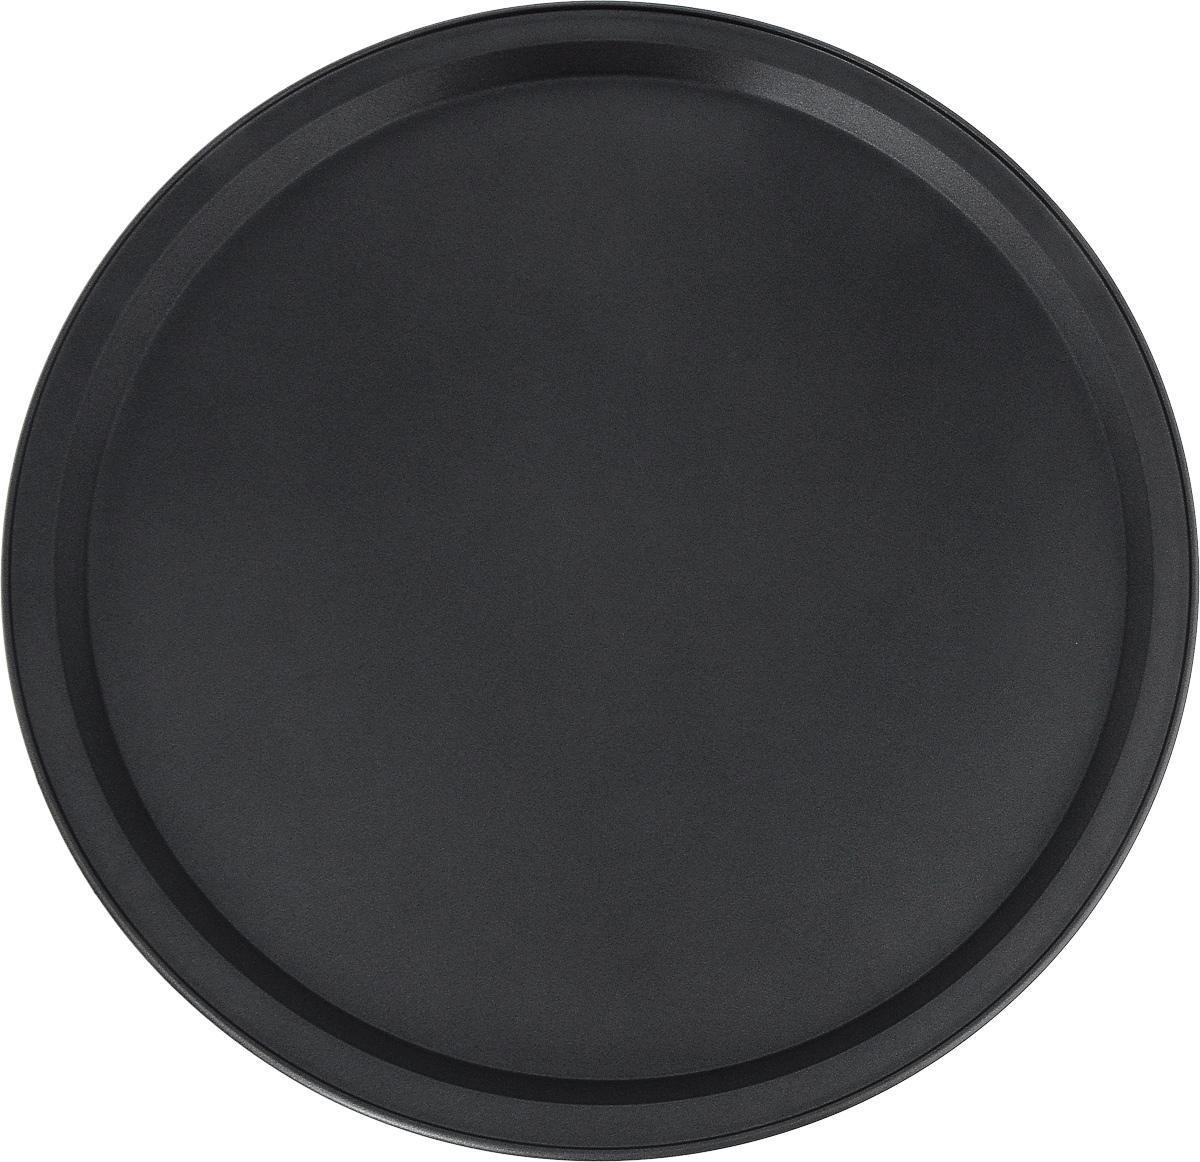 Форма для пиццы Termico Classico, с антипригарным покрытием, диаметр 33 см220422Круглая форма для пиццы Termico Classico изготовлена из углеродистой стали с антипригарным покрытием. Покрытие экологичное и безопасное для здоровья, оно не содержит примеси PFOA, свинца и кадмия. Благодаря антипригарному покрытию нет необходимости использовать подсолнечное масло. Пища не пригорает и не прилипает к стенкам, легко достается из формы, сохраняя при этом аккуратный внешний вид. Изделие прослужит долго и обеспечит легкое и удобное приготовление вашей любимой пиццы. Можно использовать в духовом шкафу при температуре до 250°С. Внутренний диаметр формы: 30,5 см. Размер формы с учетом ручек: 33 х 33 х 1,8 см.